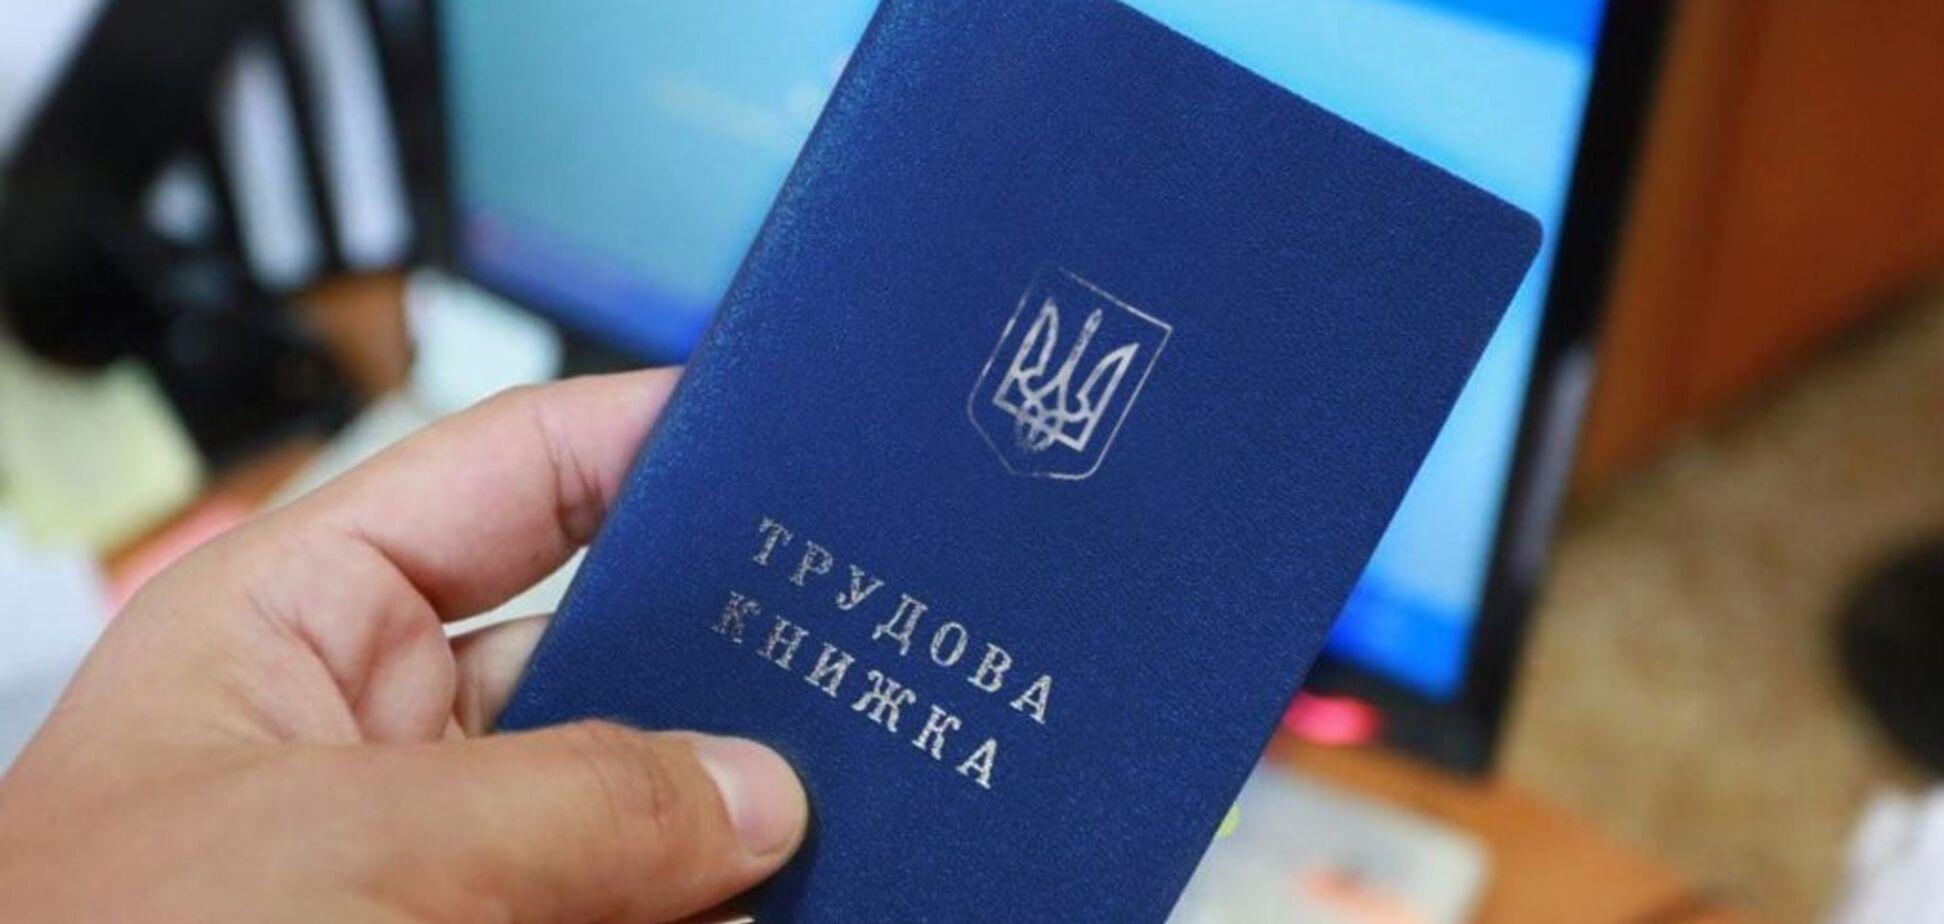 Отмена трудовых книжек в Украине: Милованов рассказал, как поступят с документами